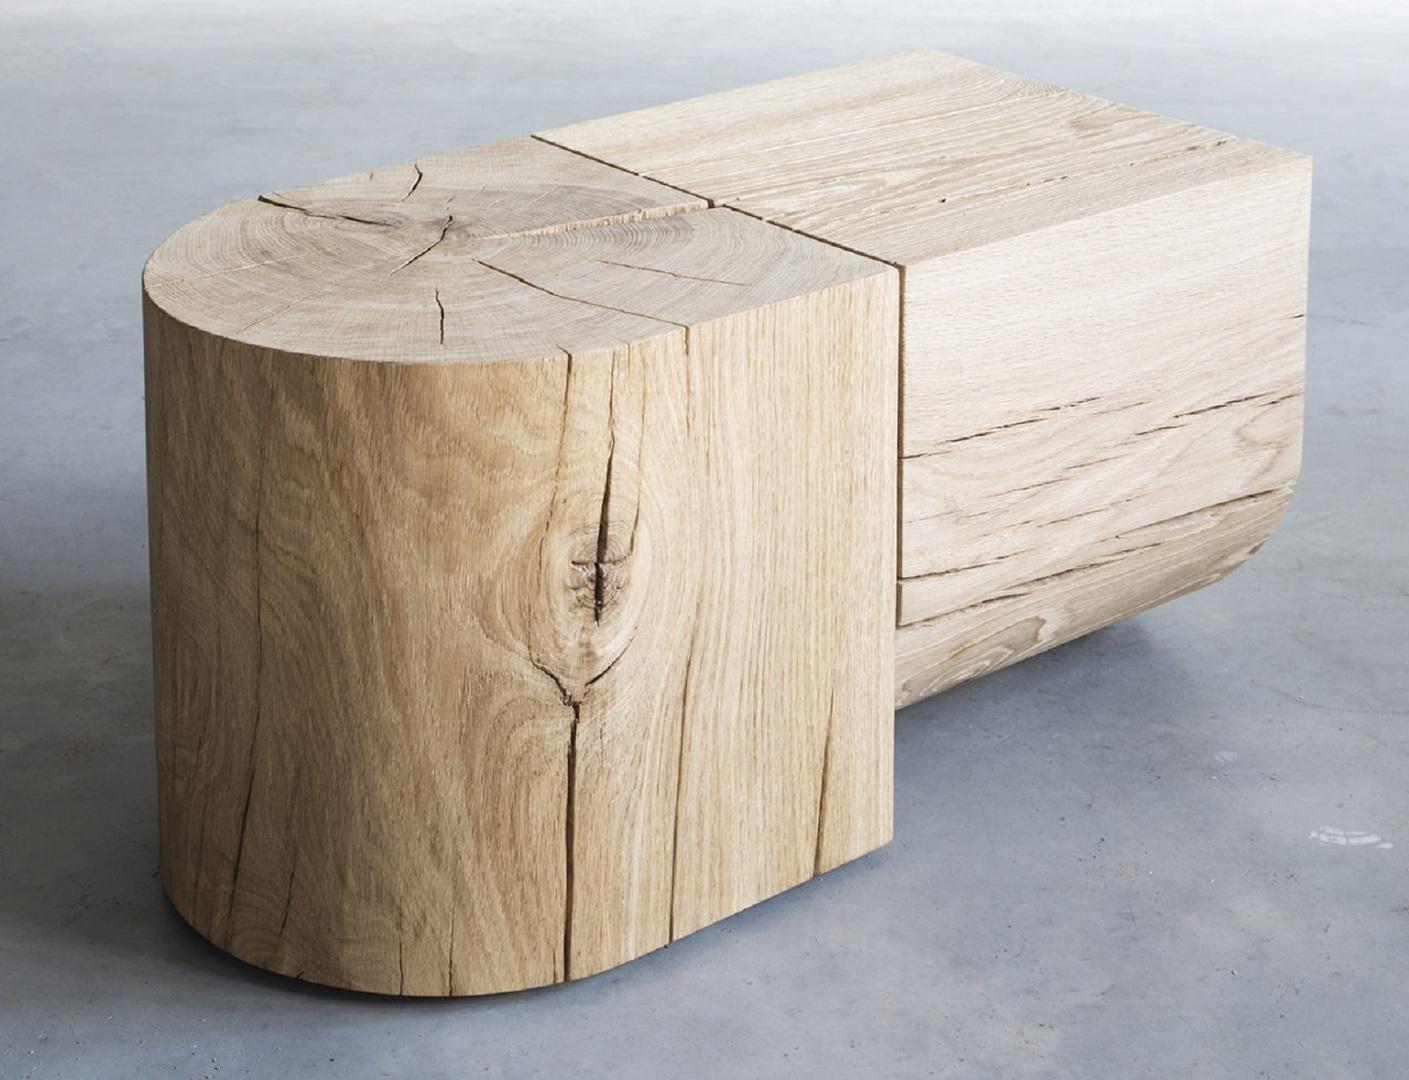 Adjacencies-side-table-03-1280x981.jpg